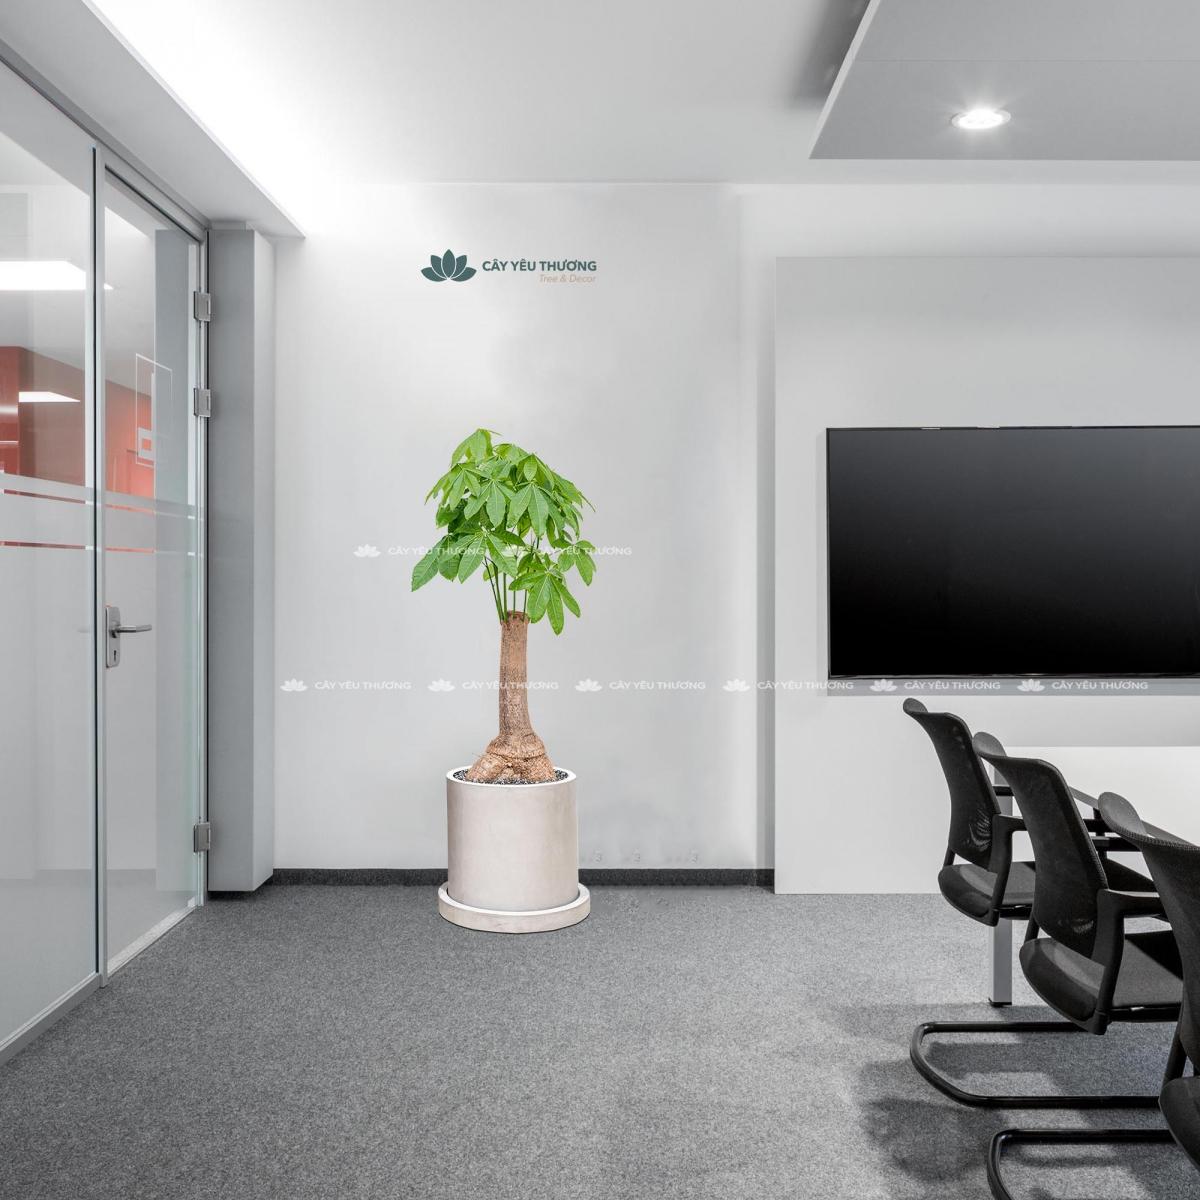 Cây kim ngân gốc lớn thấp - Cây xanh văn phòng